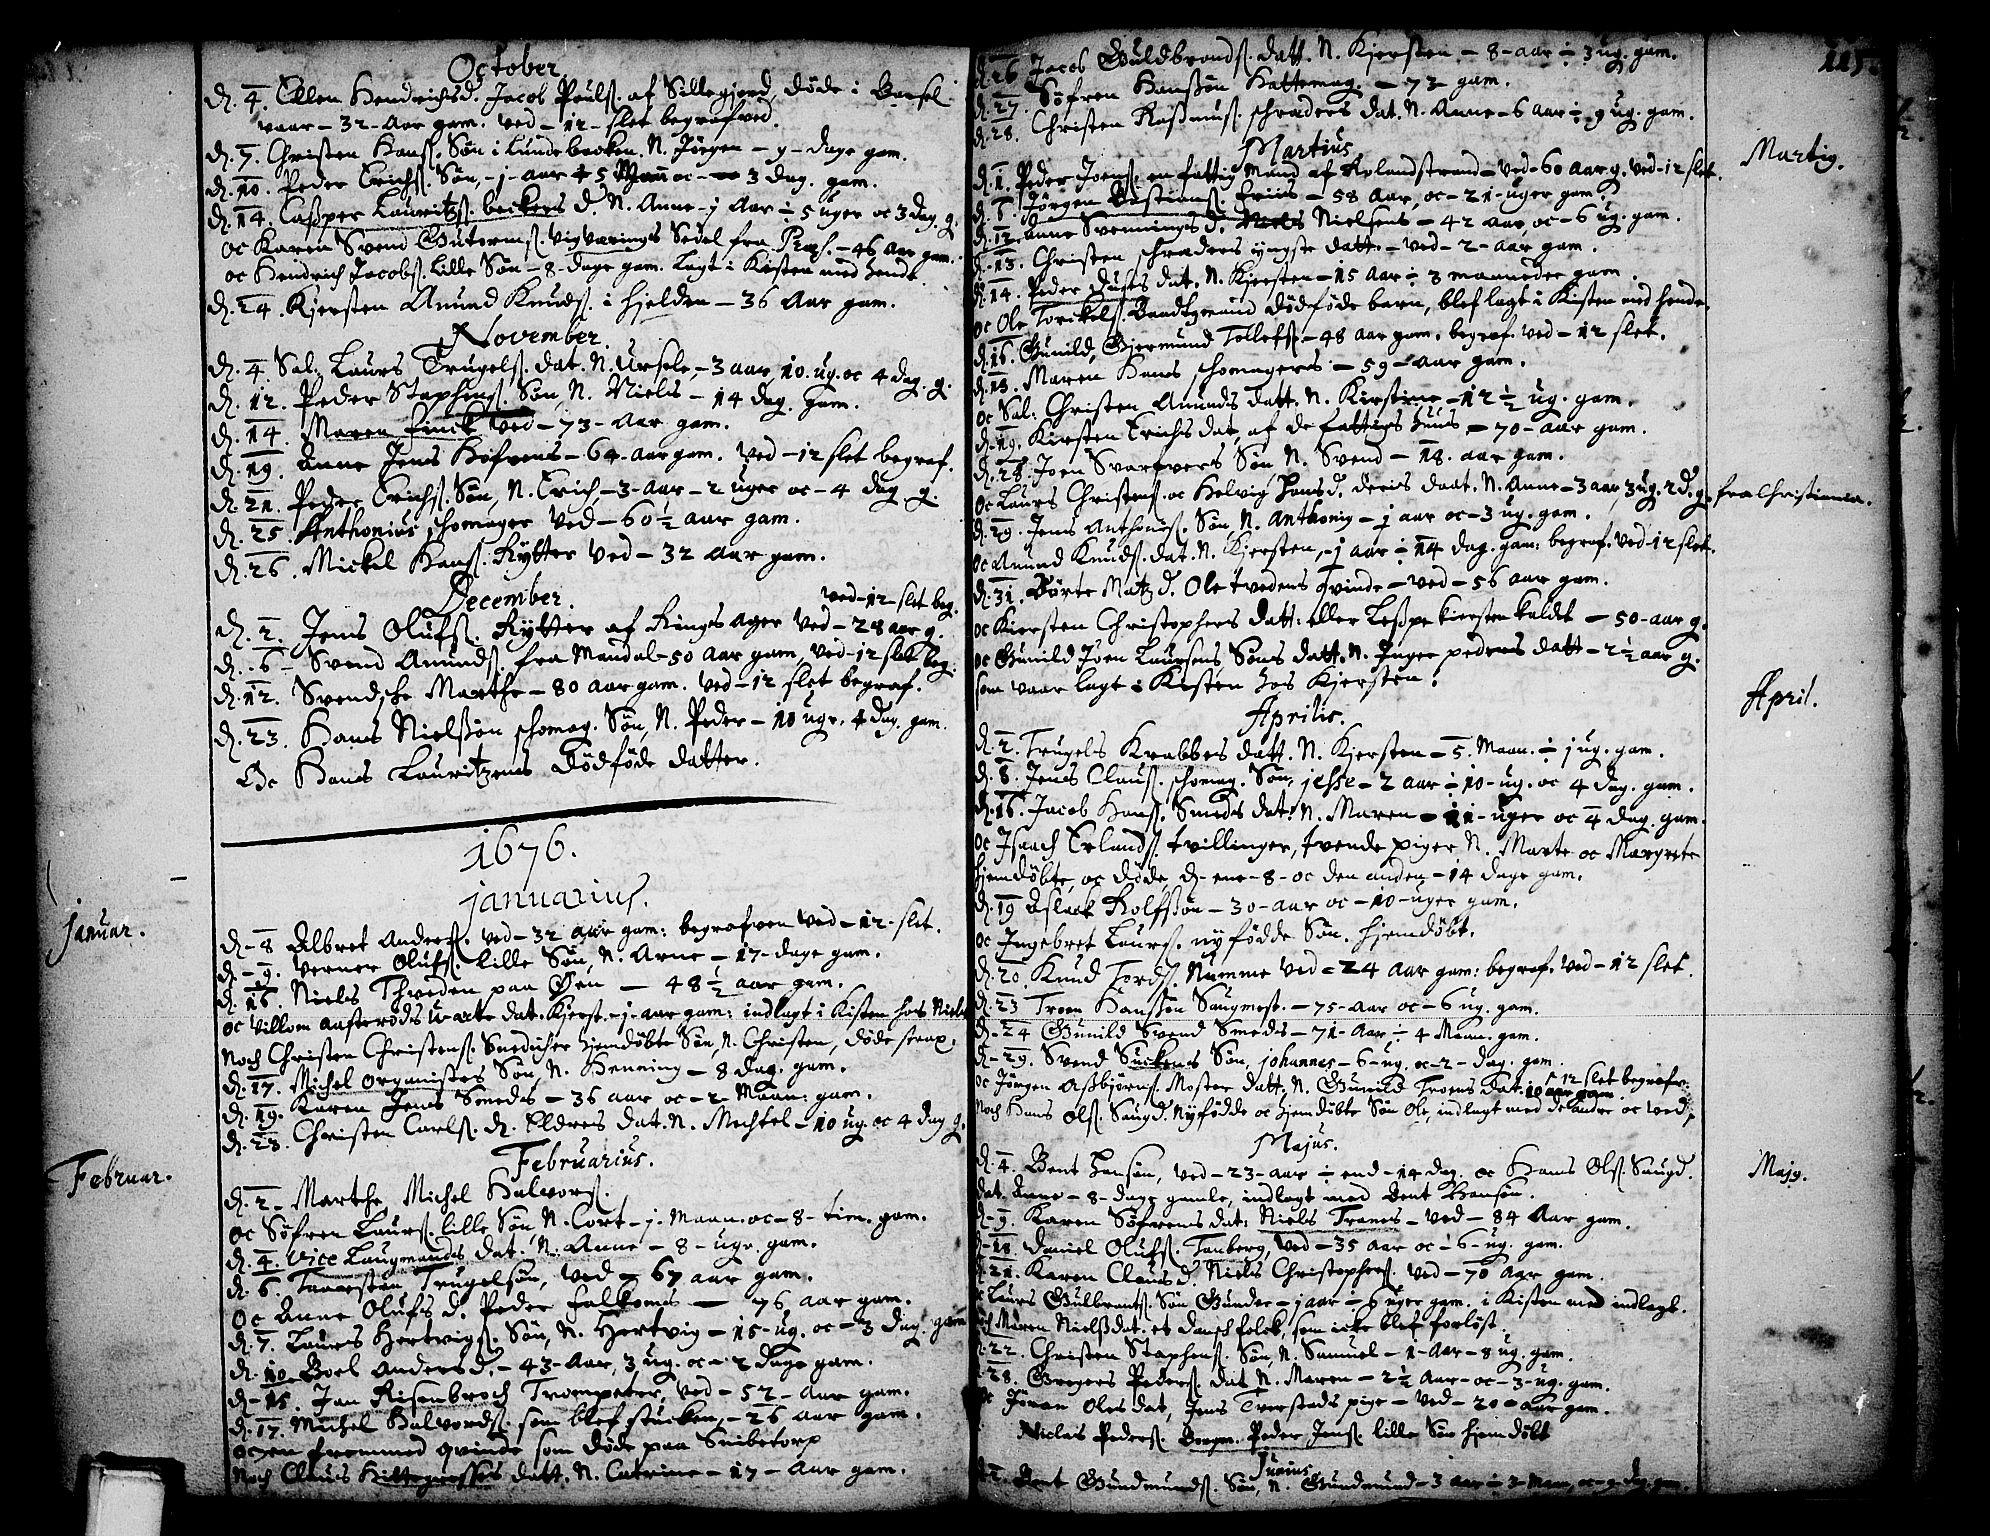 SAKO, Skien kirkebøker, F/Fa/L0001: Ministerialbok nr. 1, 1659-1679, s. 115